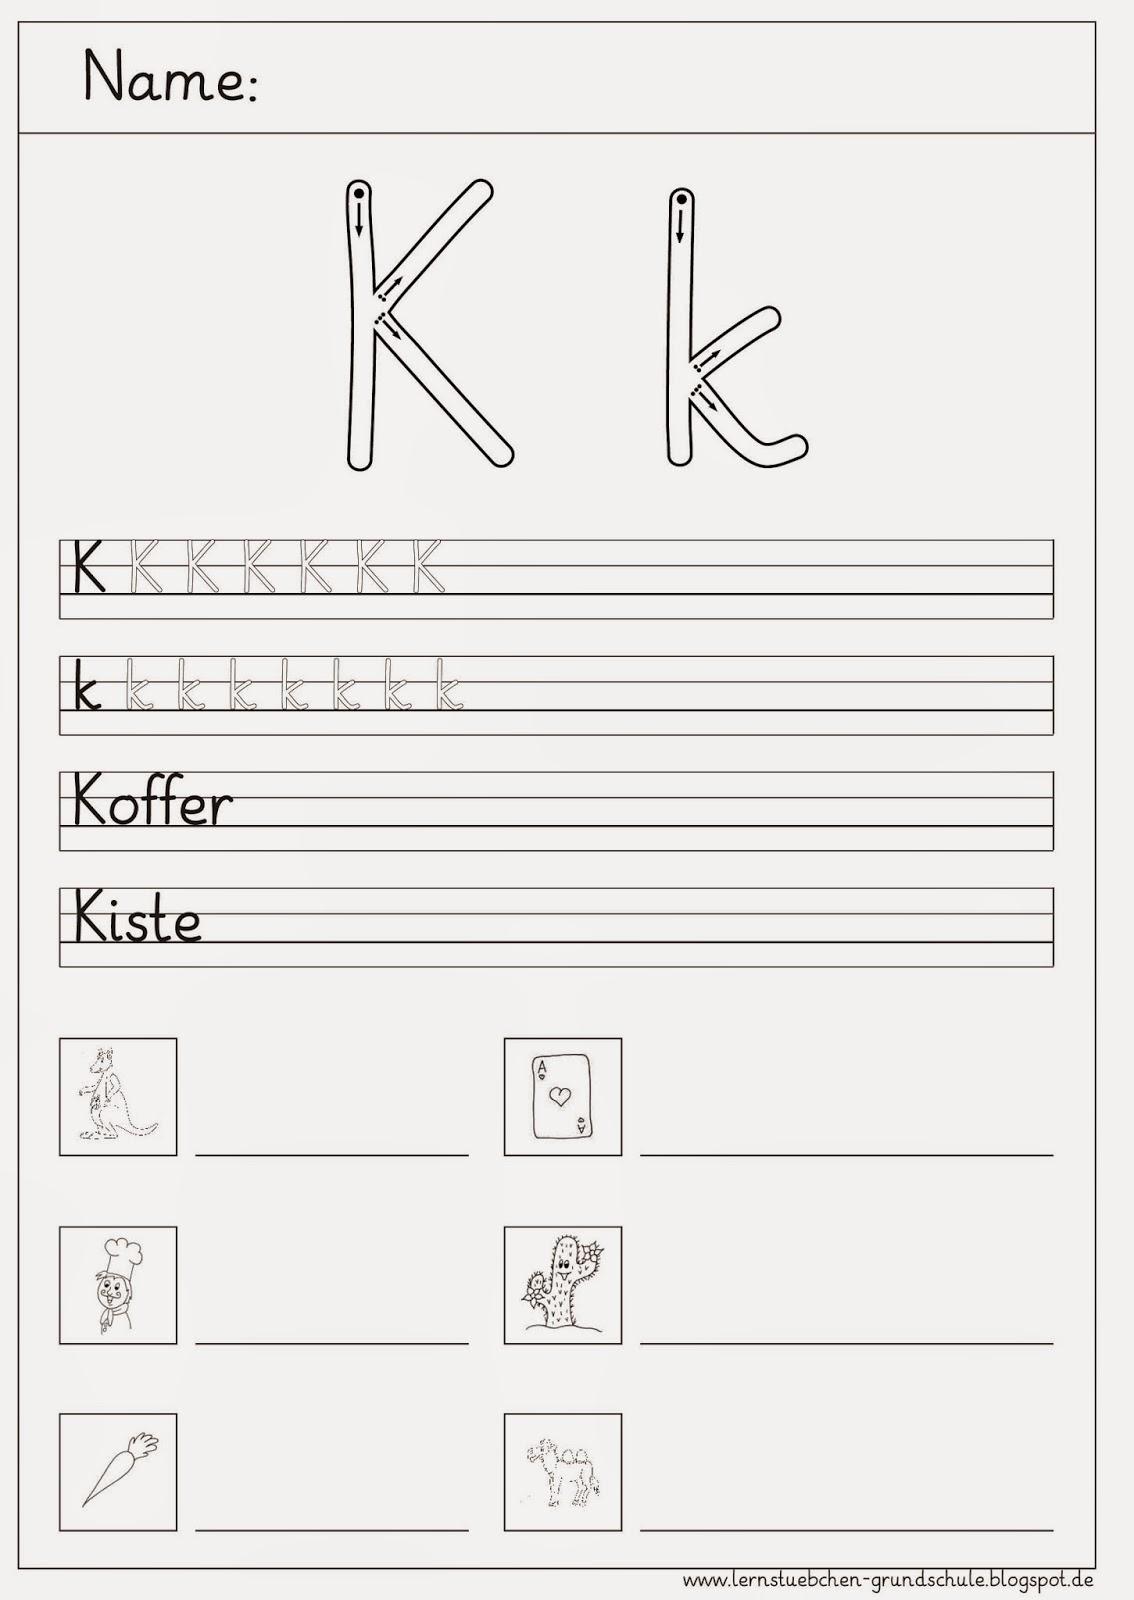 Buchstabe A Grundschule Arbeitsblatt : Lernstübchen schreibblätter zum k